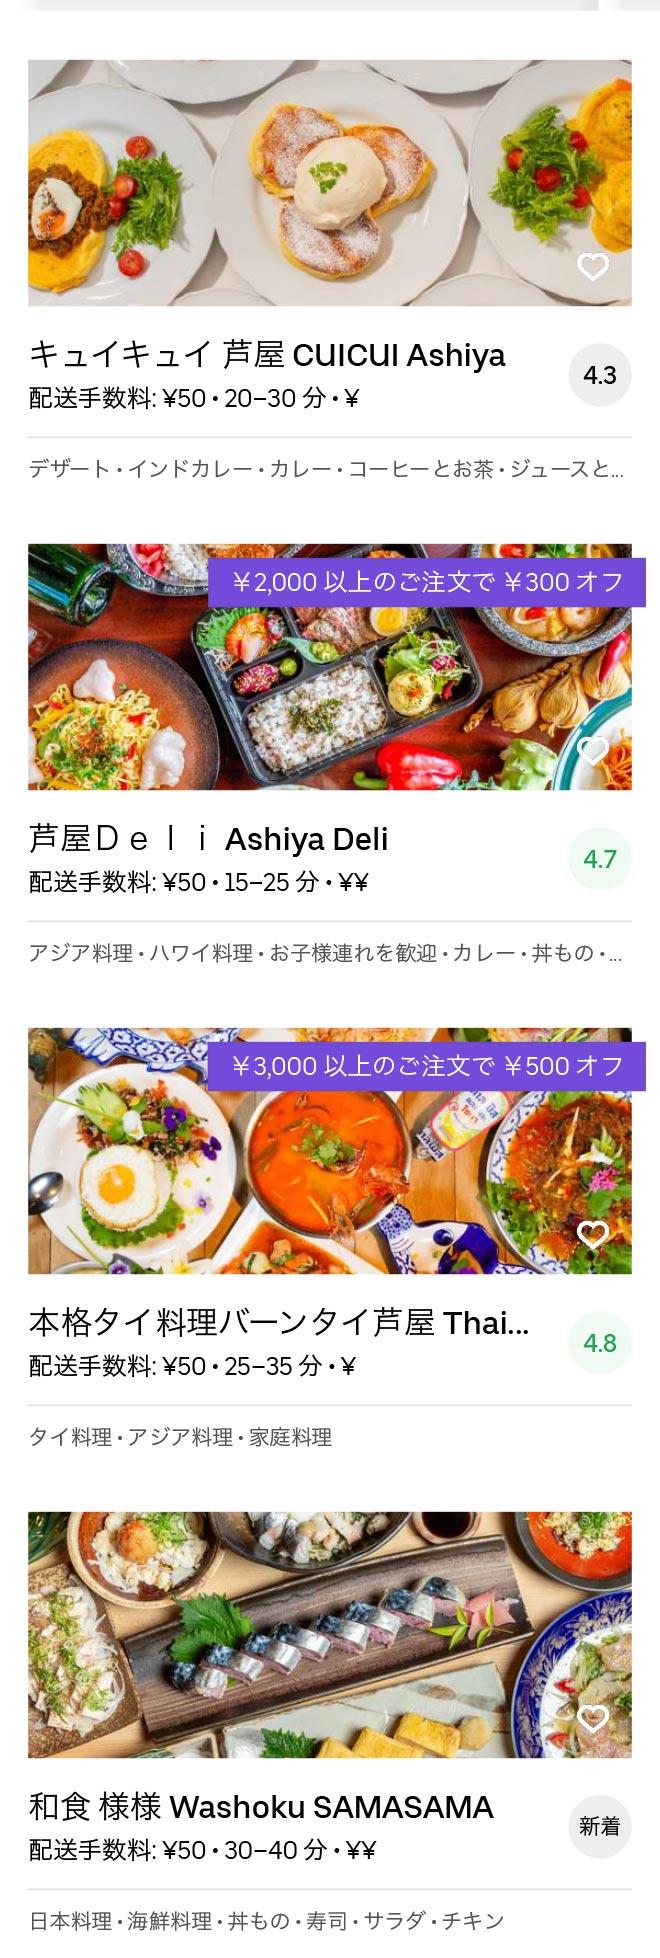 Hyogo ashiya menu 2005 02